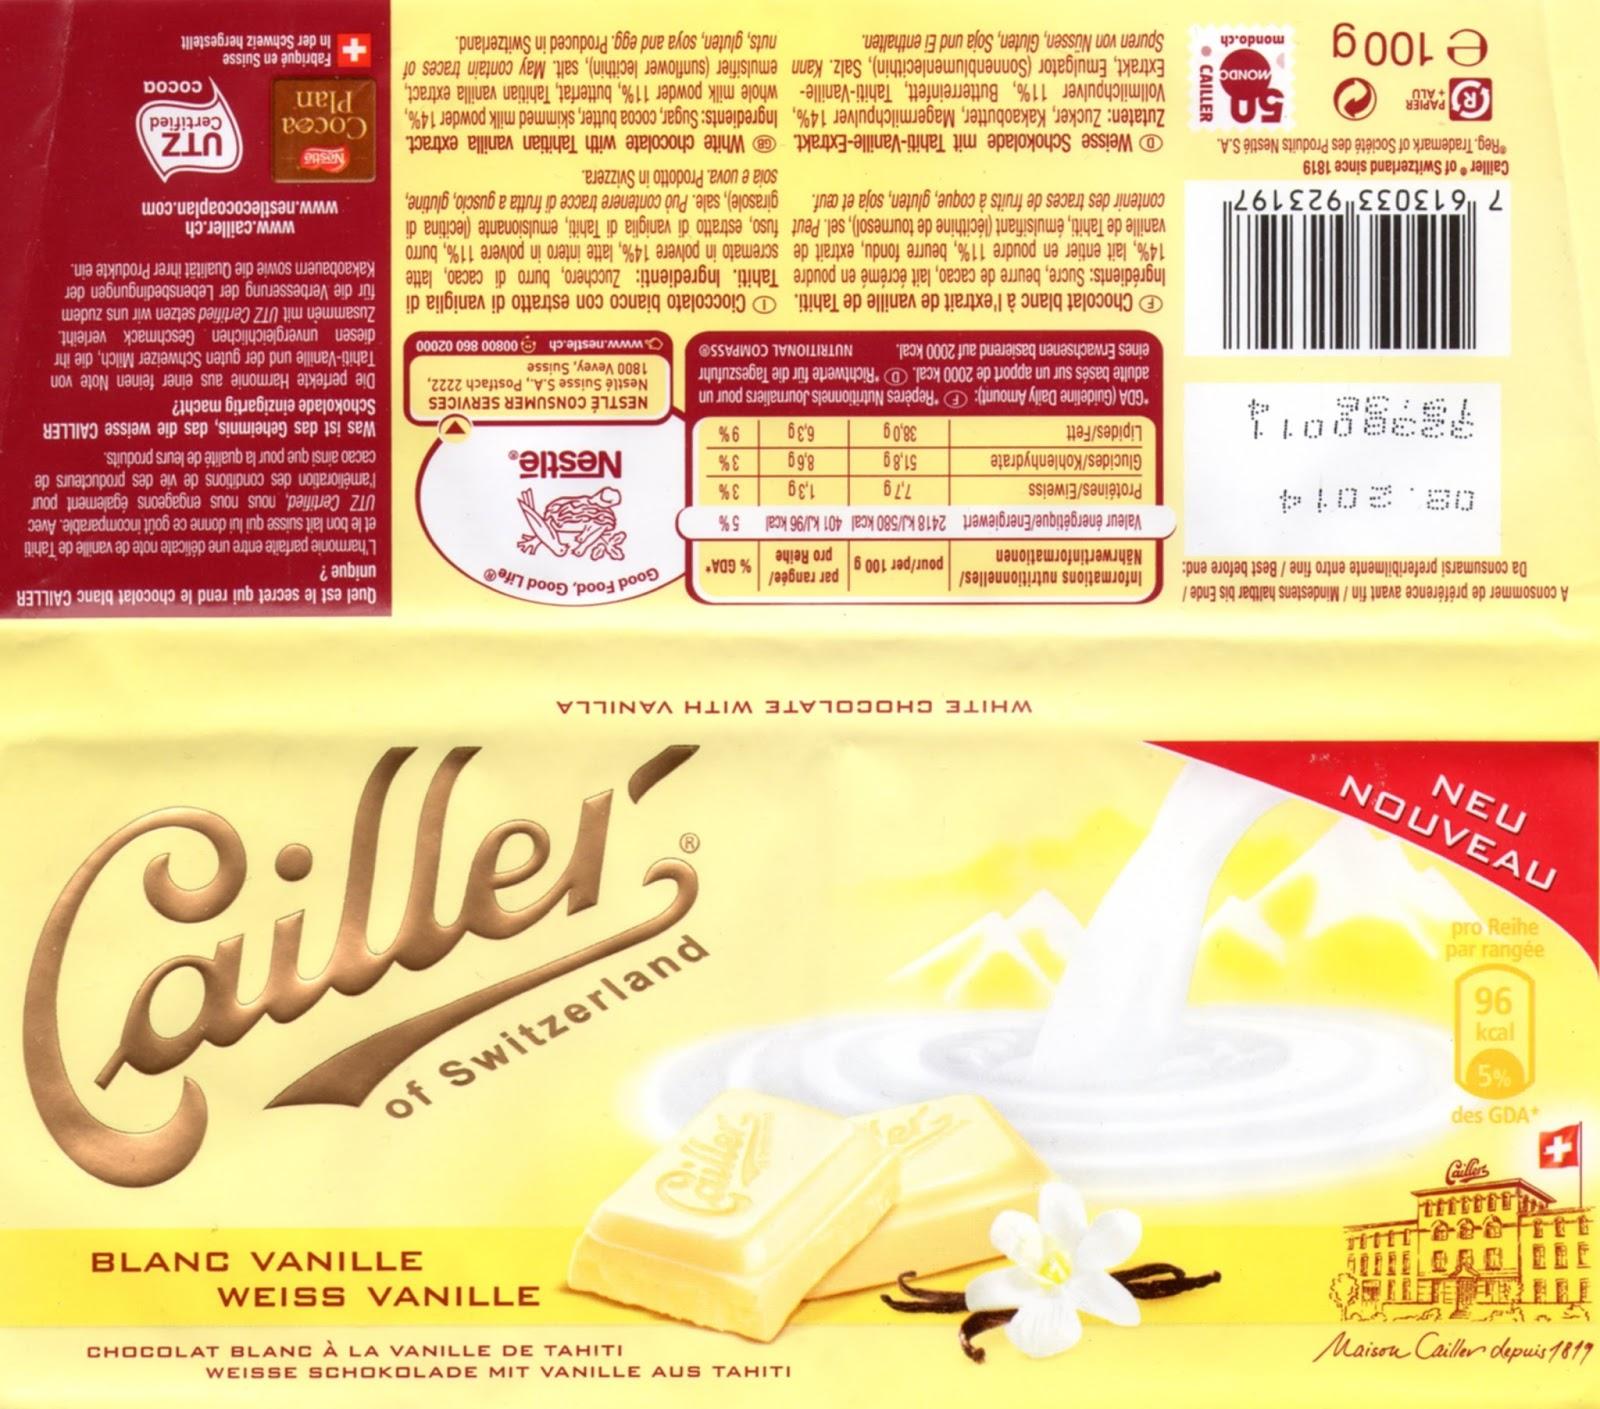 tablette de chocolat blanc dégustation cailler blanc vanille de tahiti